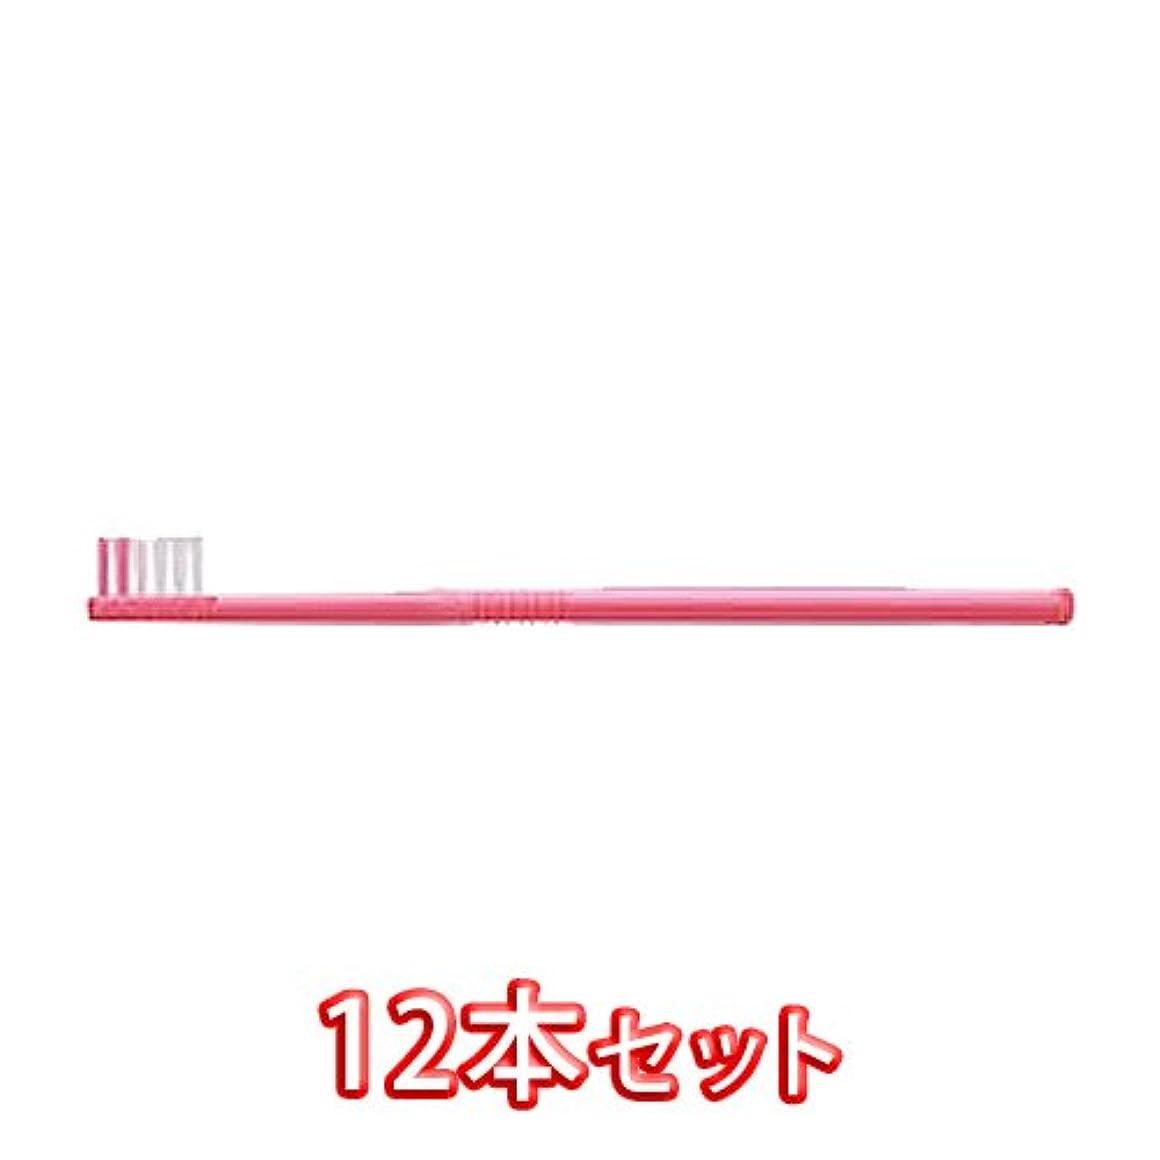 軽くラビリンスピーブライオン オルソドンティック 歯ブラシ DENT.EX Orthodontic-T 12本入